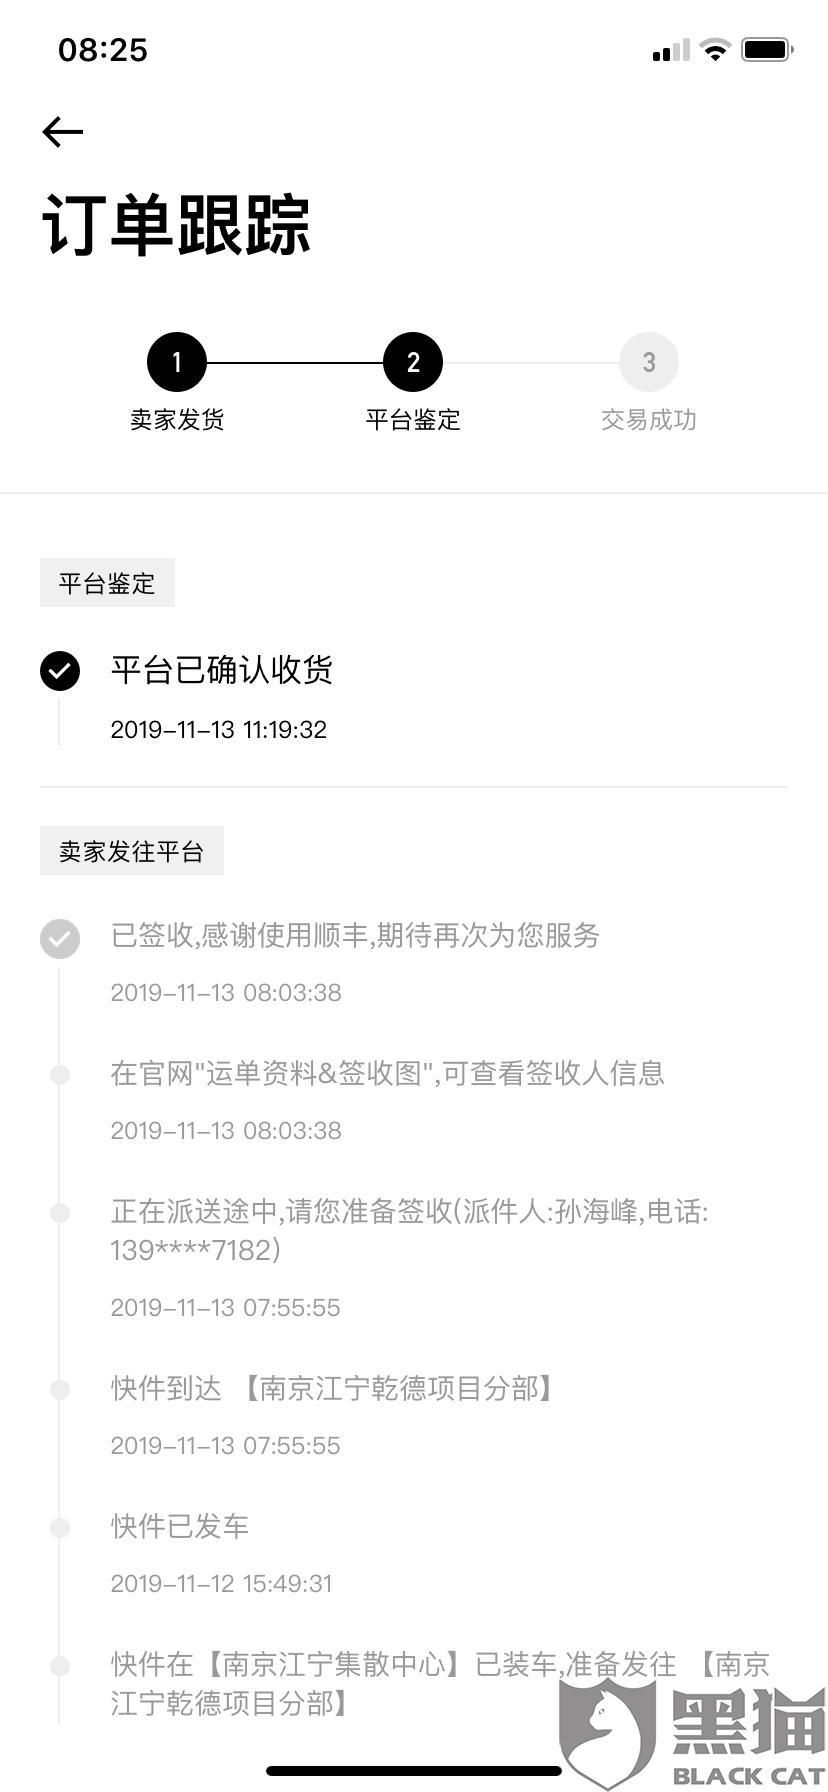 黑猫投诉:有货app以爆仓为由迟迟处于鉴定状态不发货